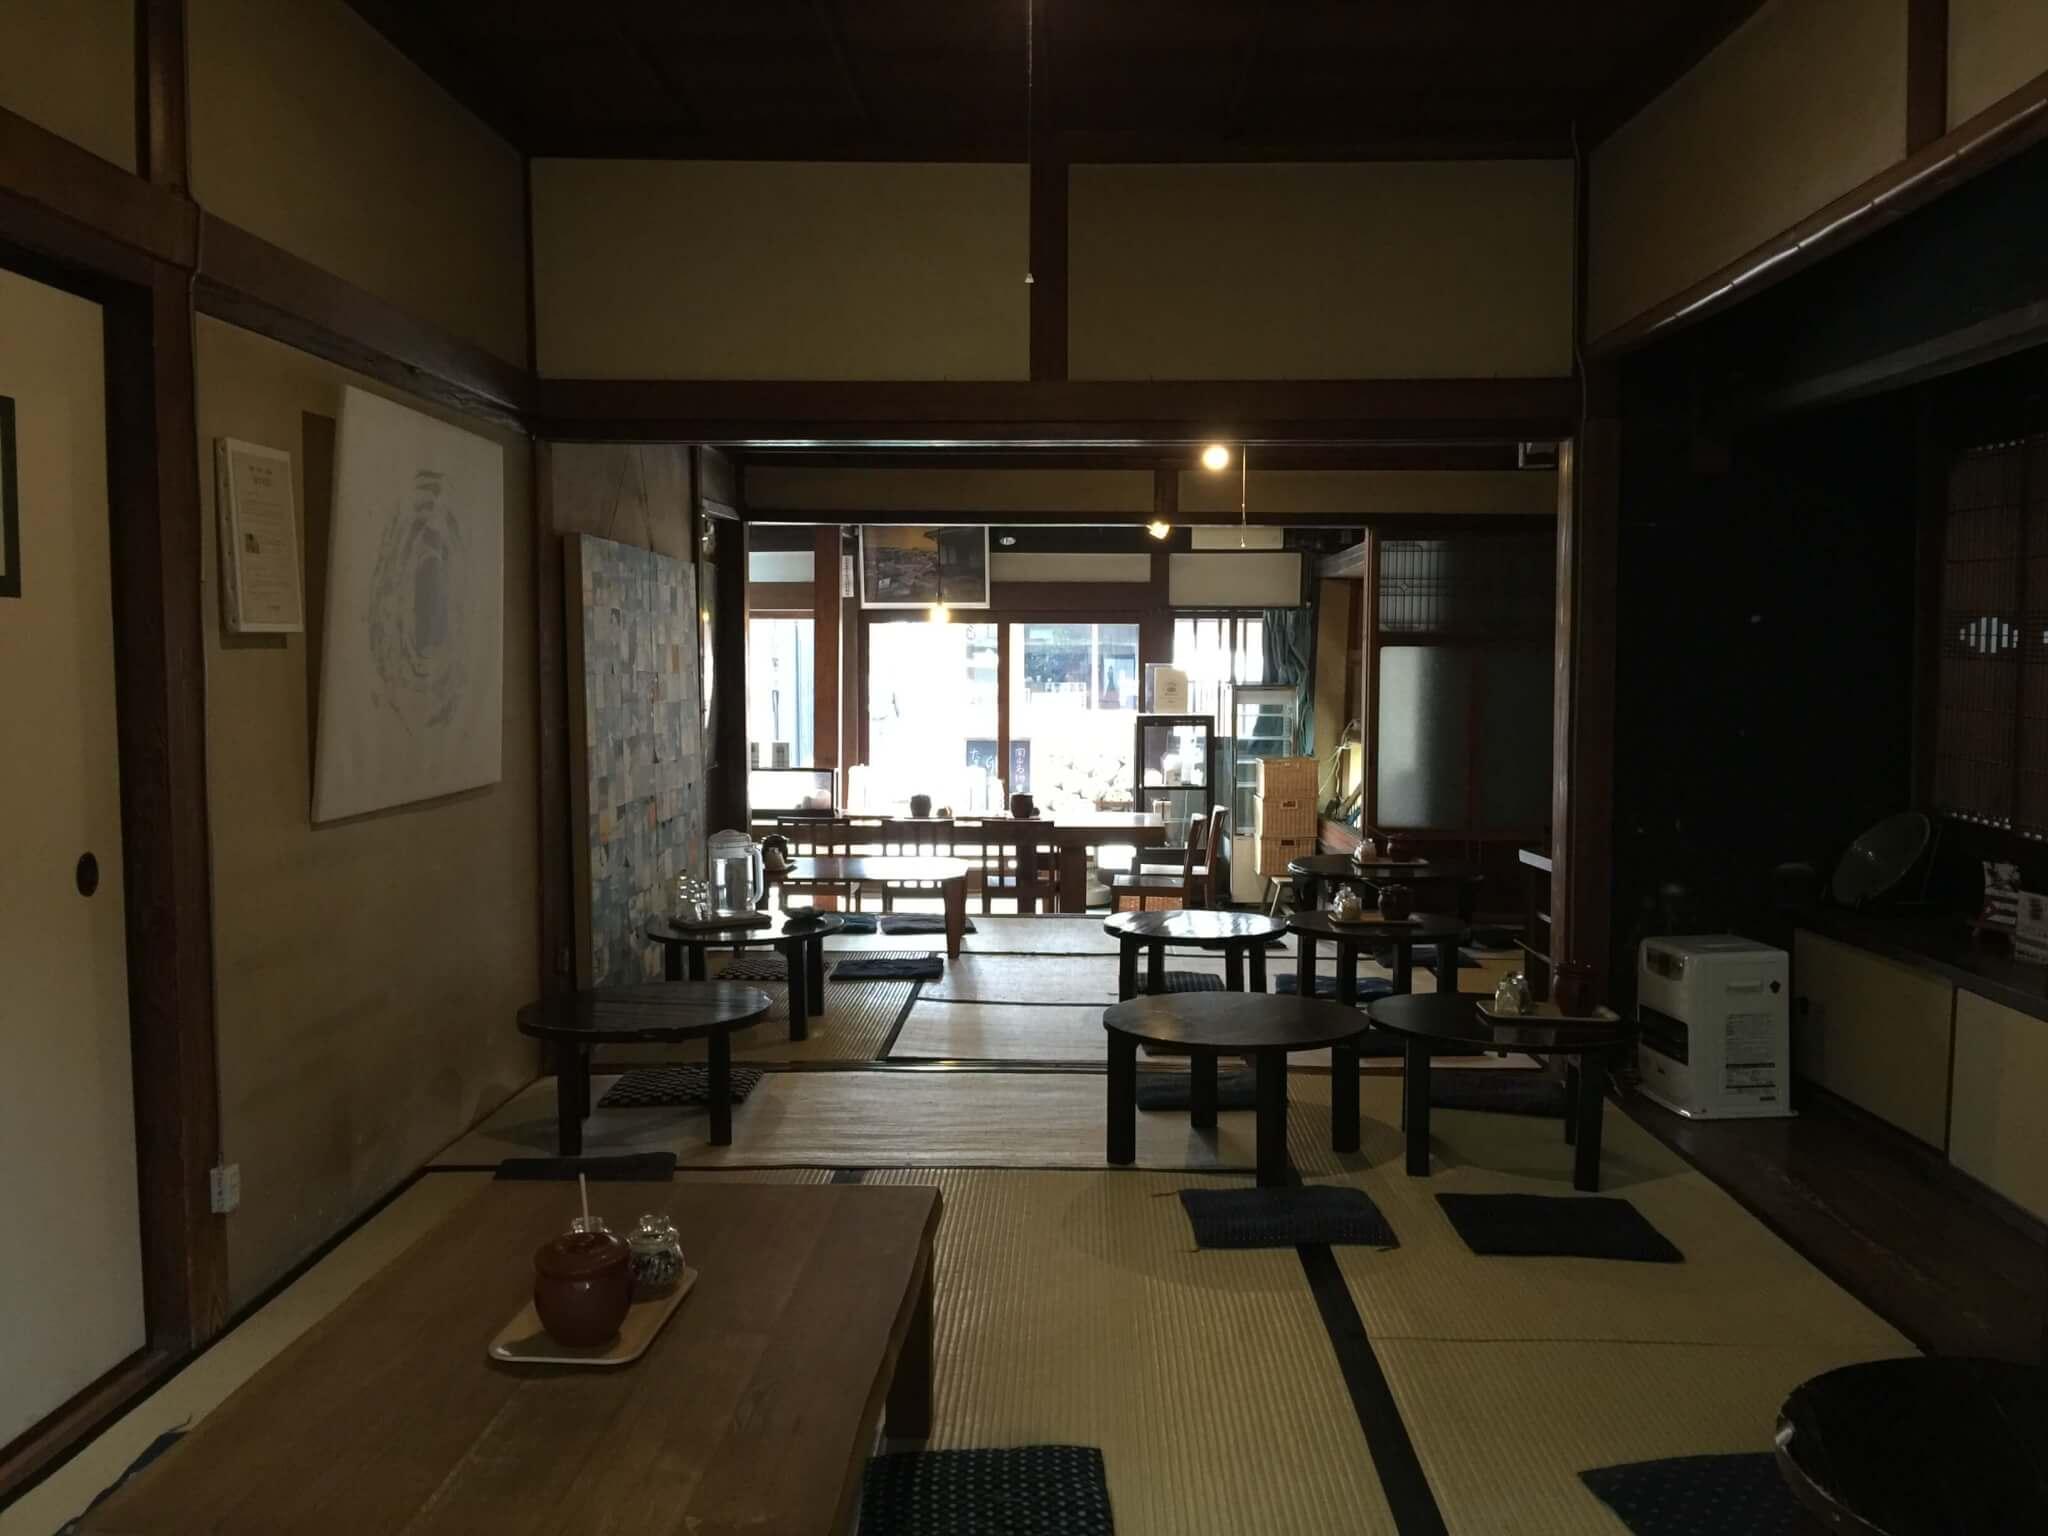 有鄰庵さんのカフェの座敷スペース